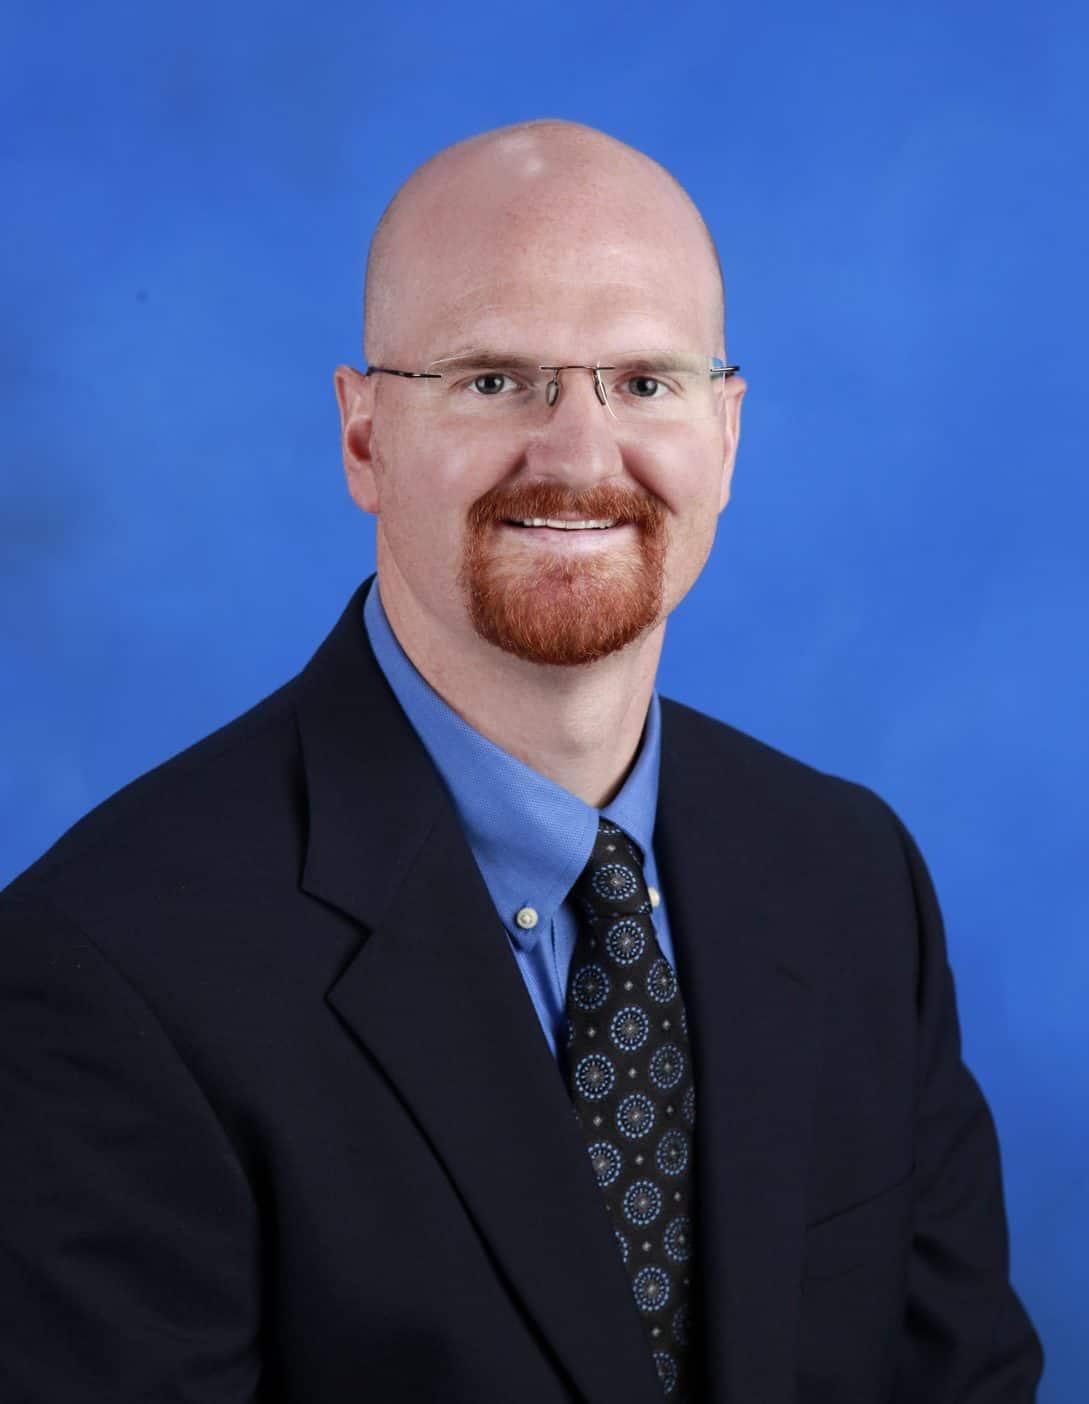 Benjamin D. Goodman, DO